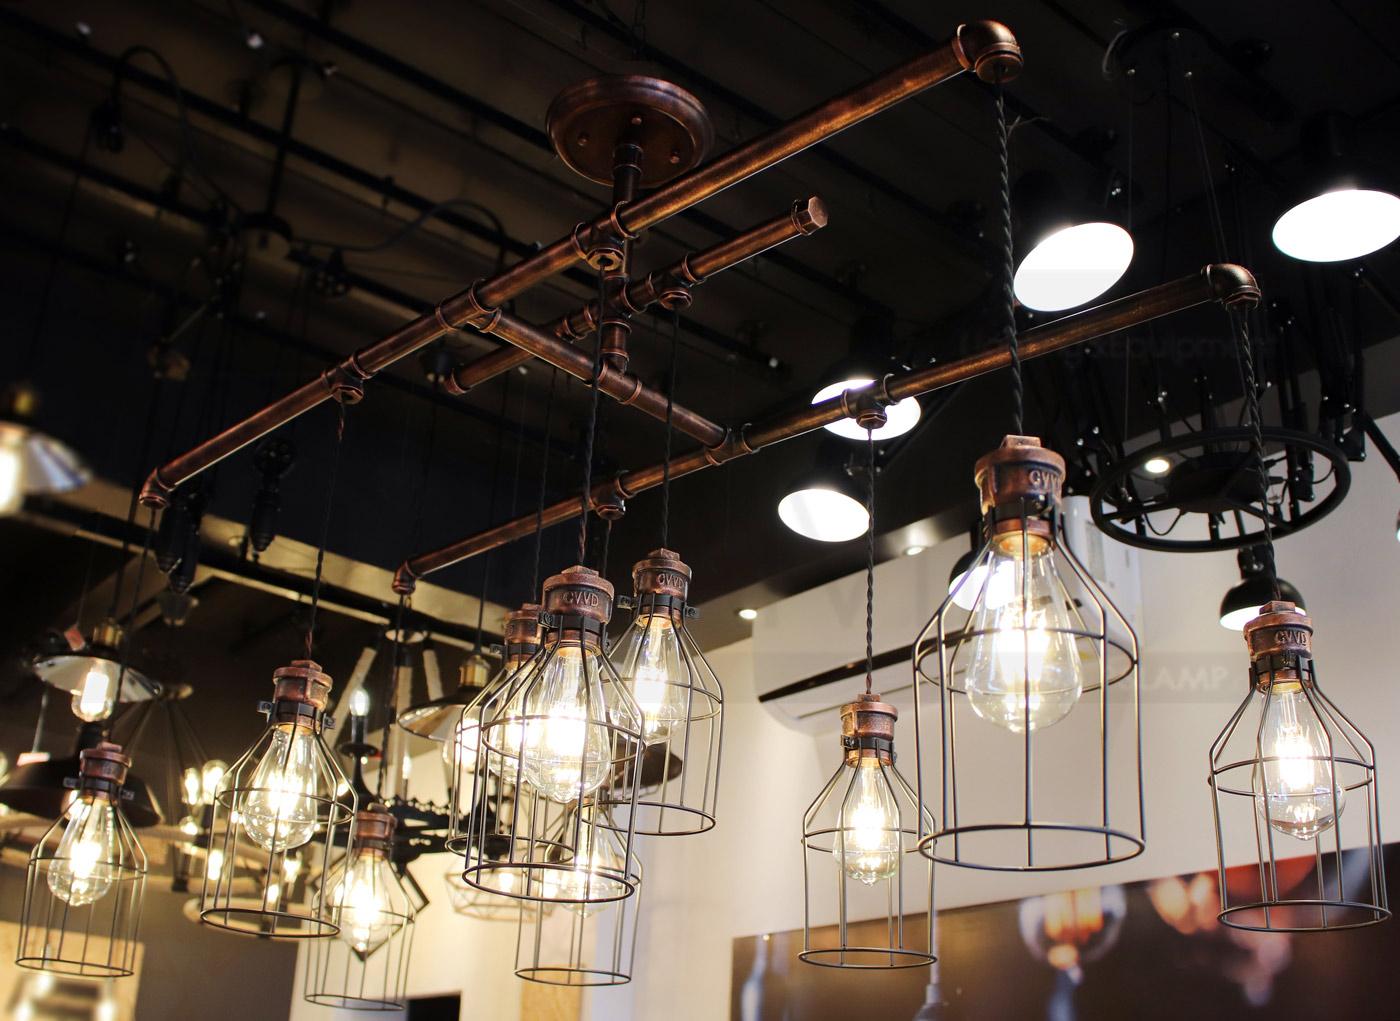 โคมไฟวินเทจ ขายโคมไฟ โคมไฟโมเดิร์น ร้านขายโคมไฟ โคมไฟราคาถูก PIPETO-10